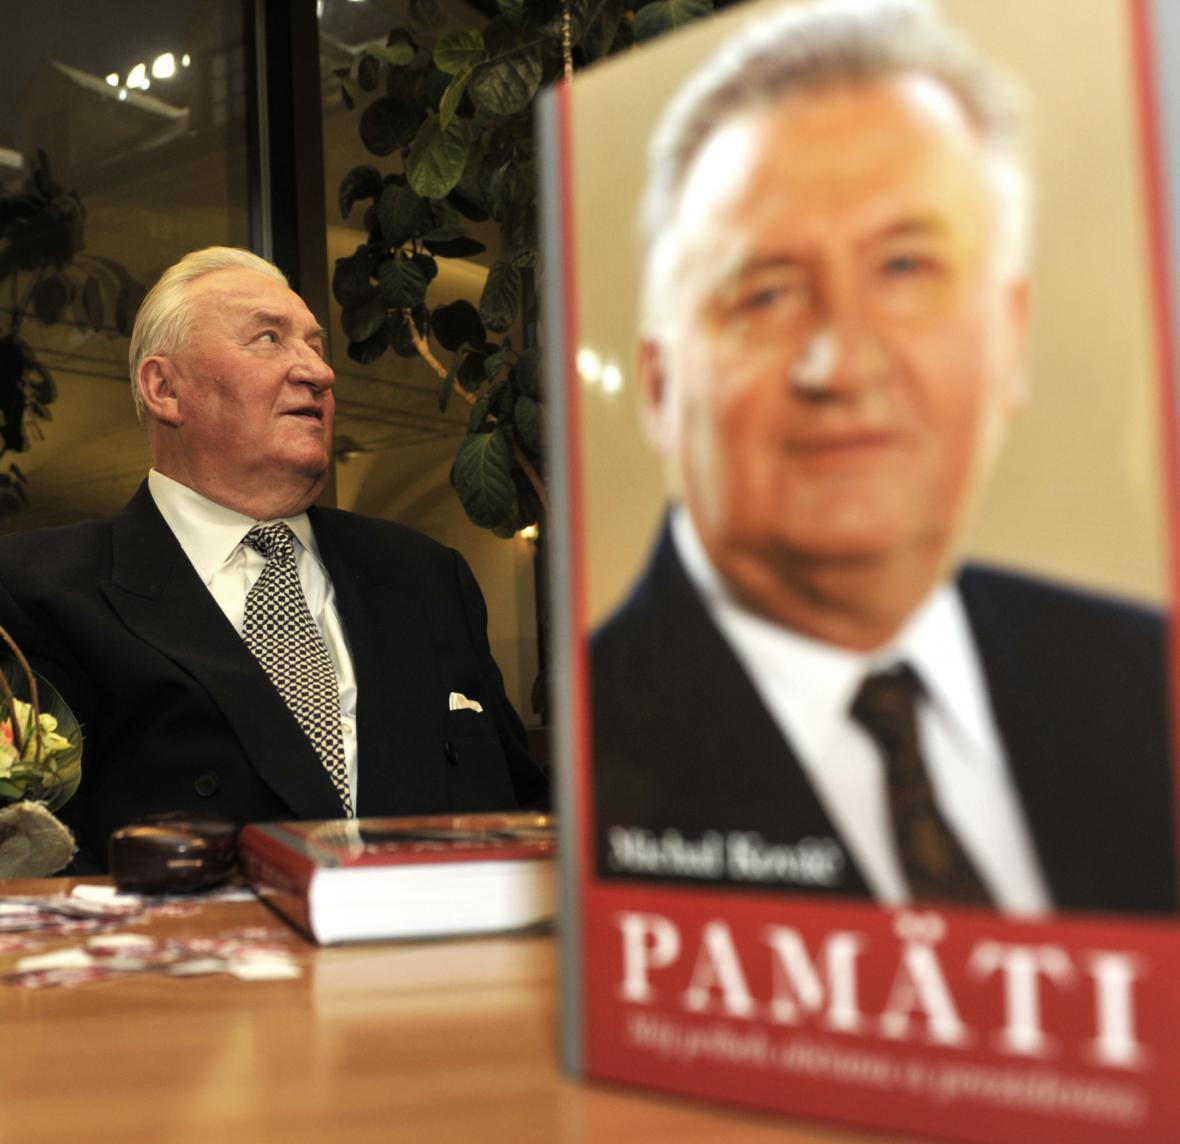 Kováč představil 16. prosince 2010 v Bratislavě svou knížku Paměti s podtitulem Můj příběh občana a prezidenta